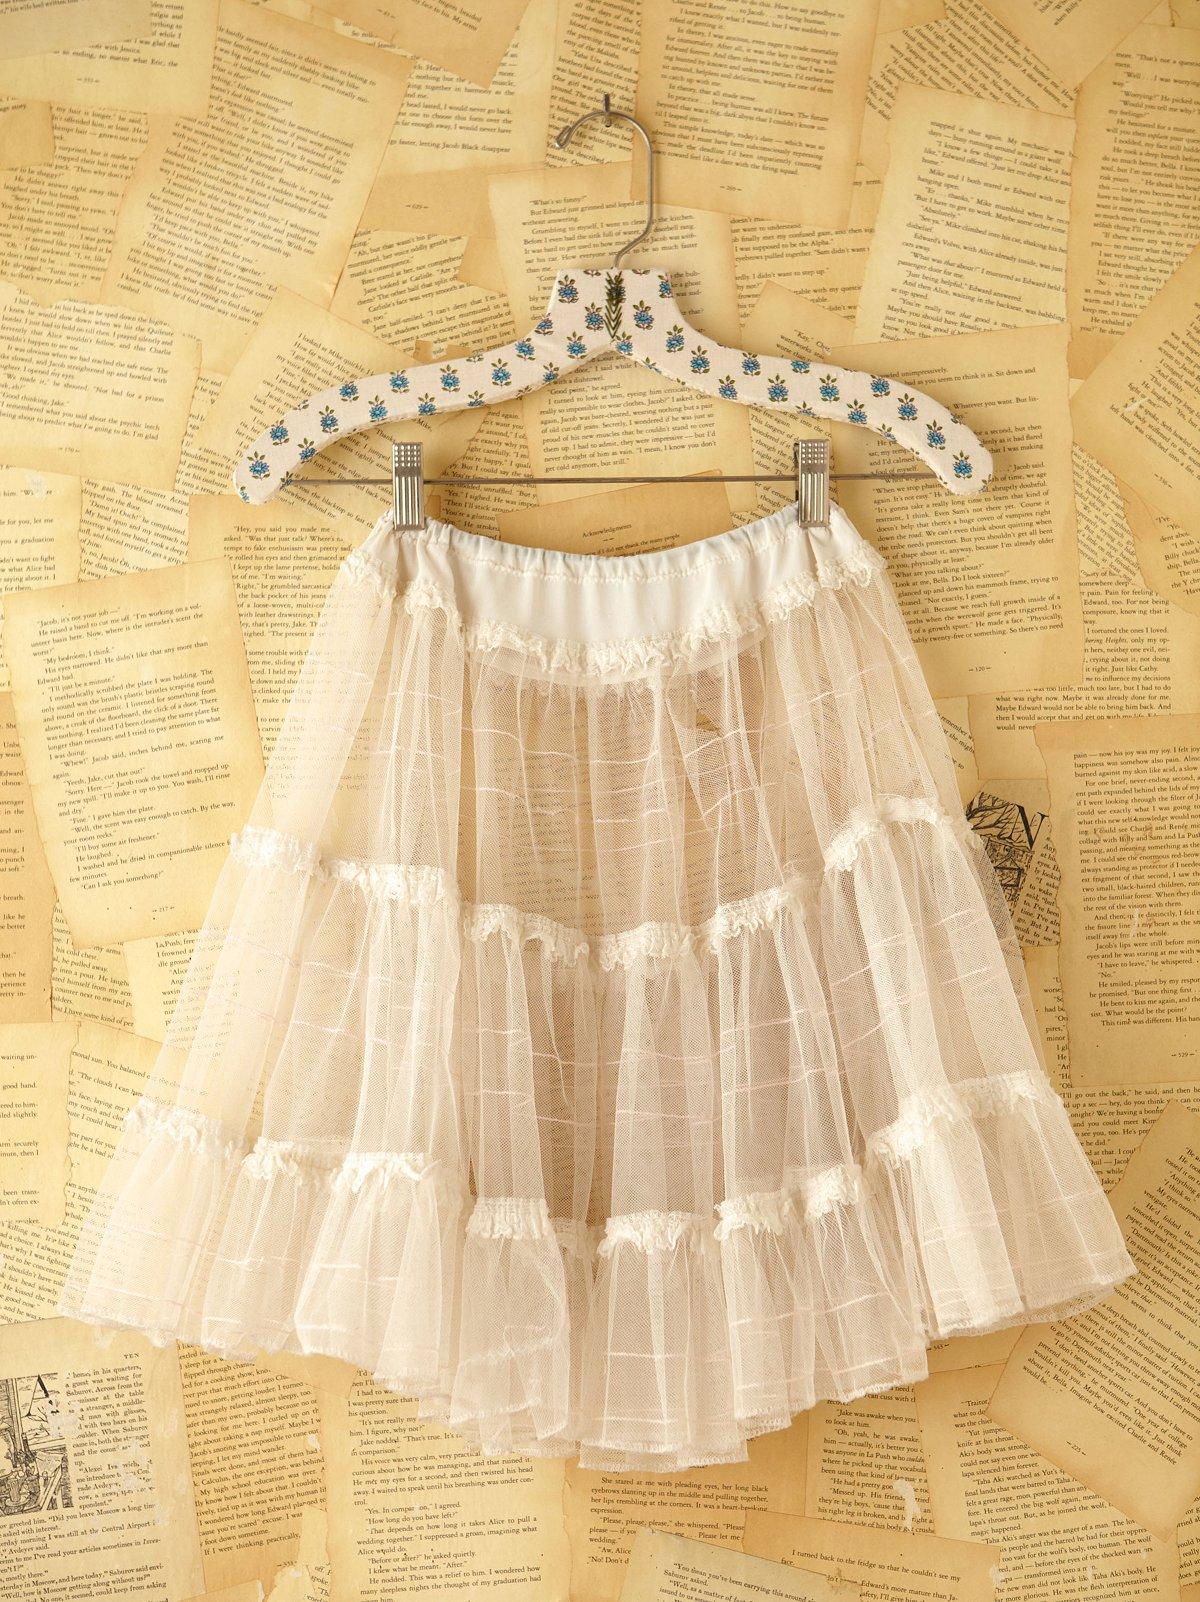 Vintage Crinoline Skirt